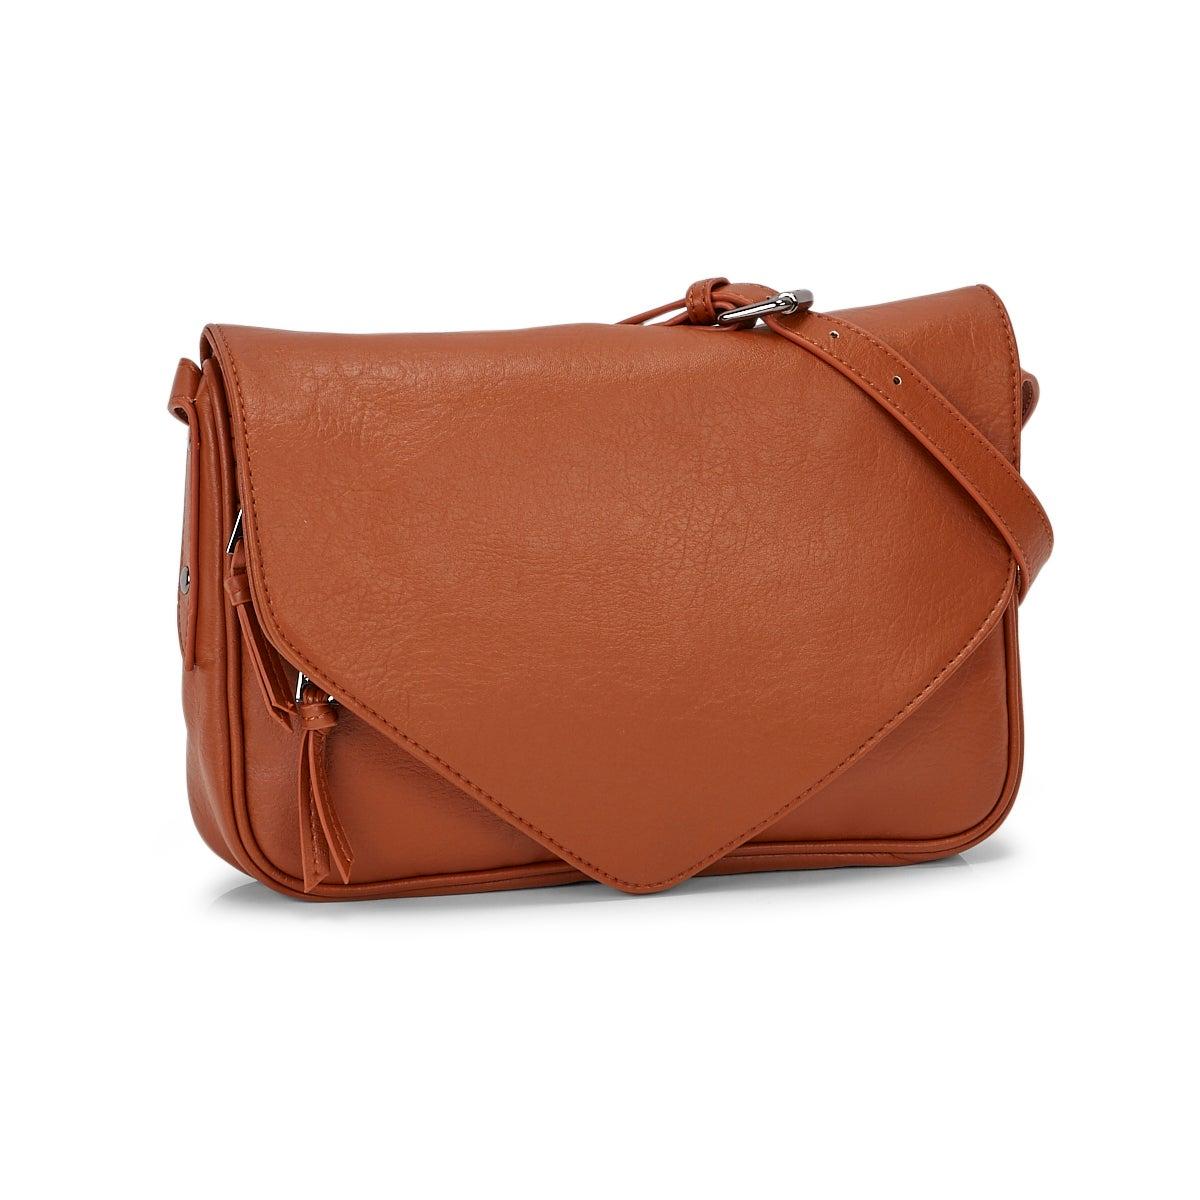 Women's 6353 Crossbody Bag - Cognac